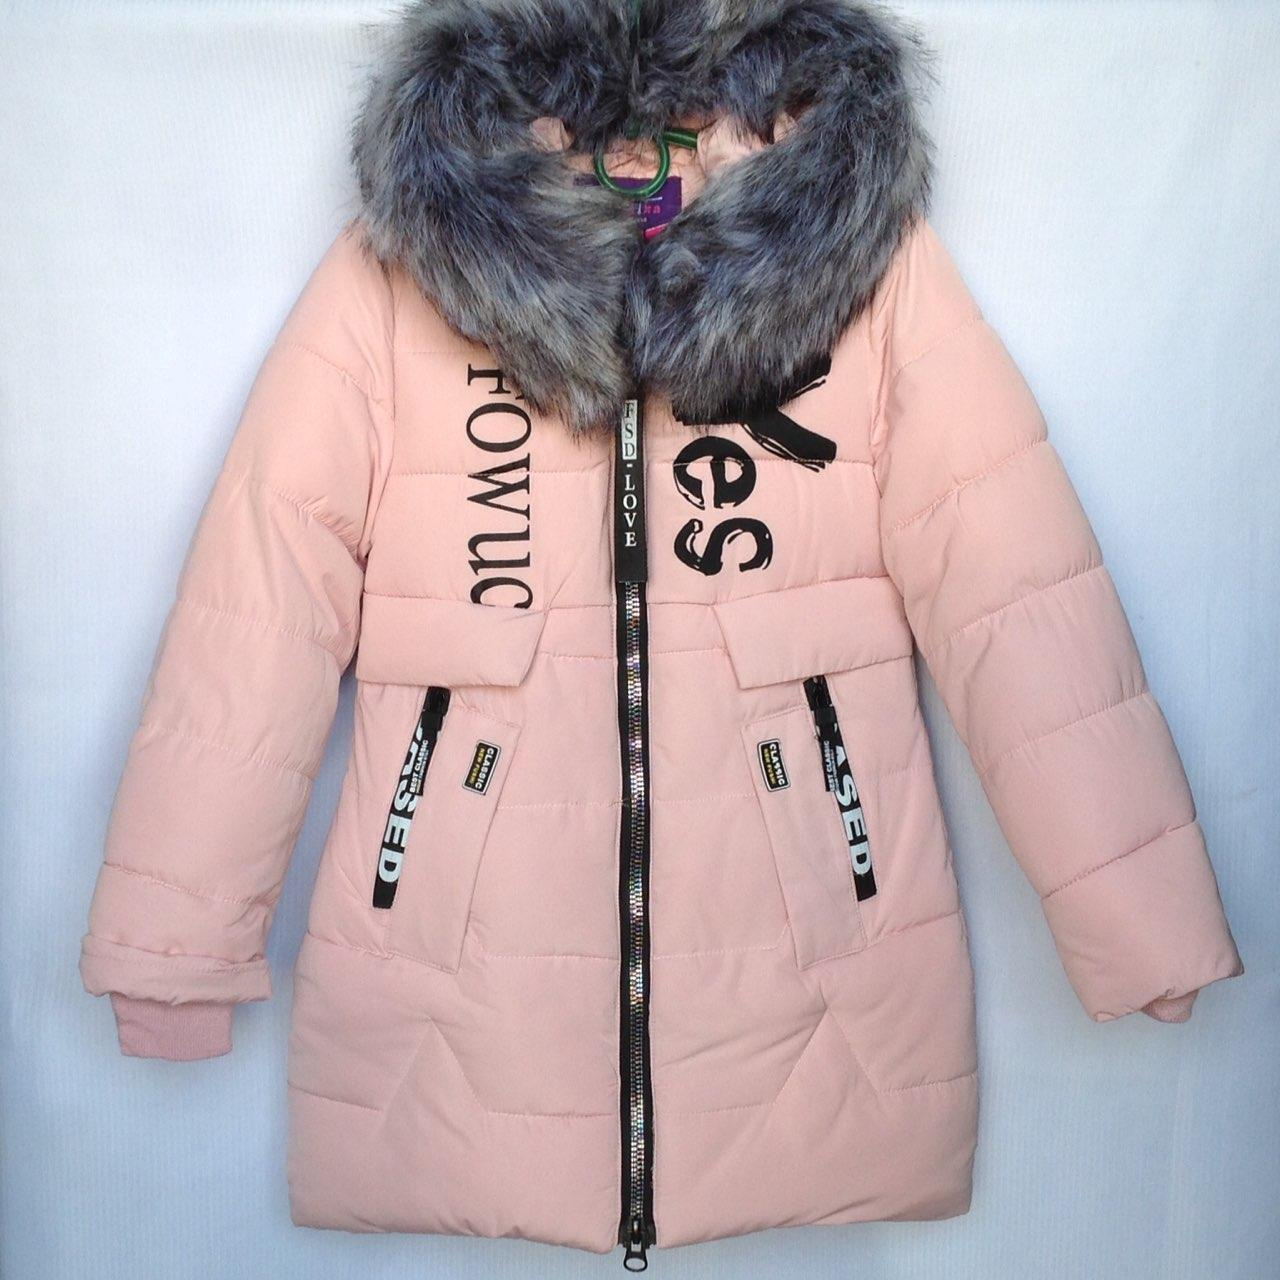 Куртка подростковая зимняя YES #6021 для девочек. 122-146 см (7-11 лет). Пудра. Оптом.